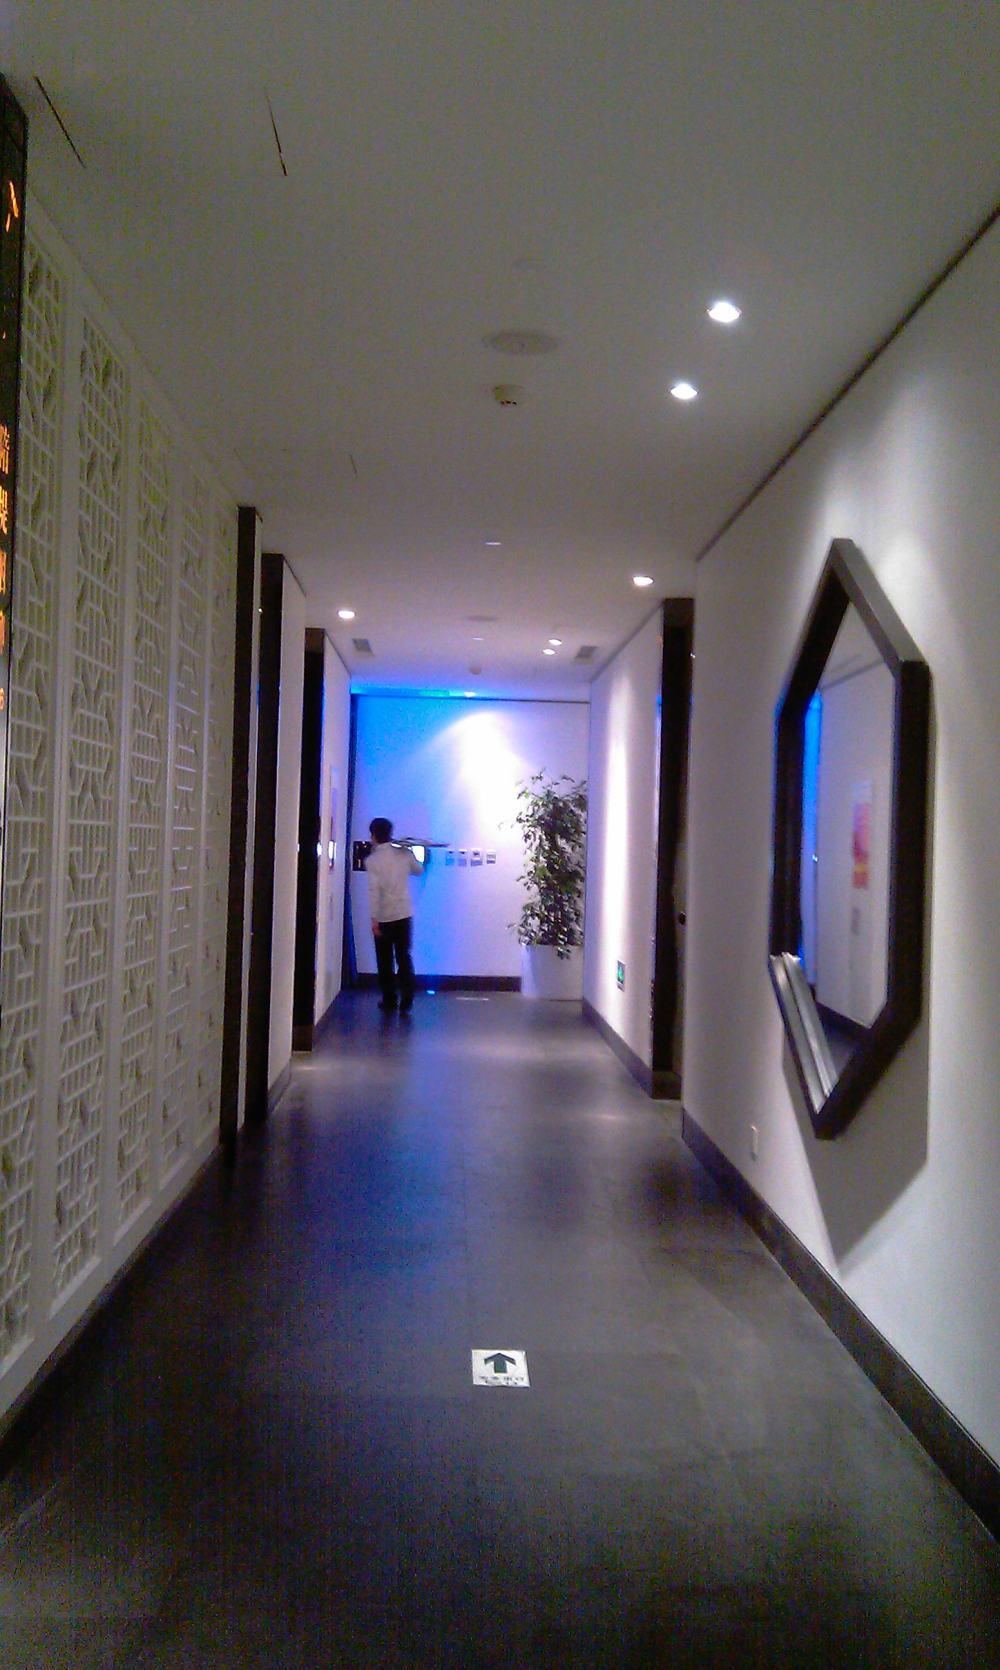 大董新中式餐厅_IMAG0370.jpg